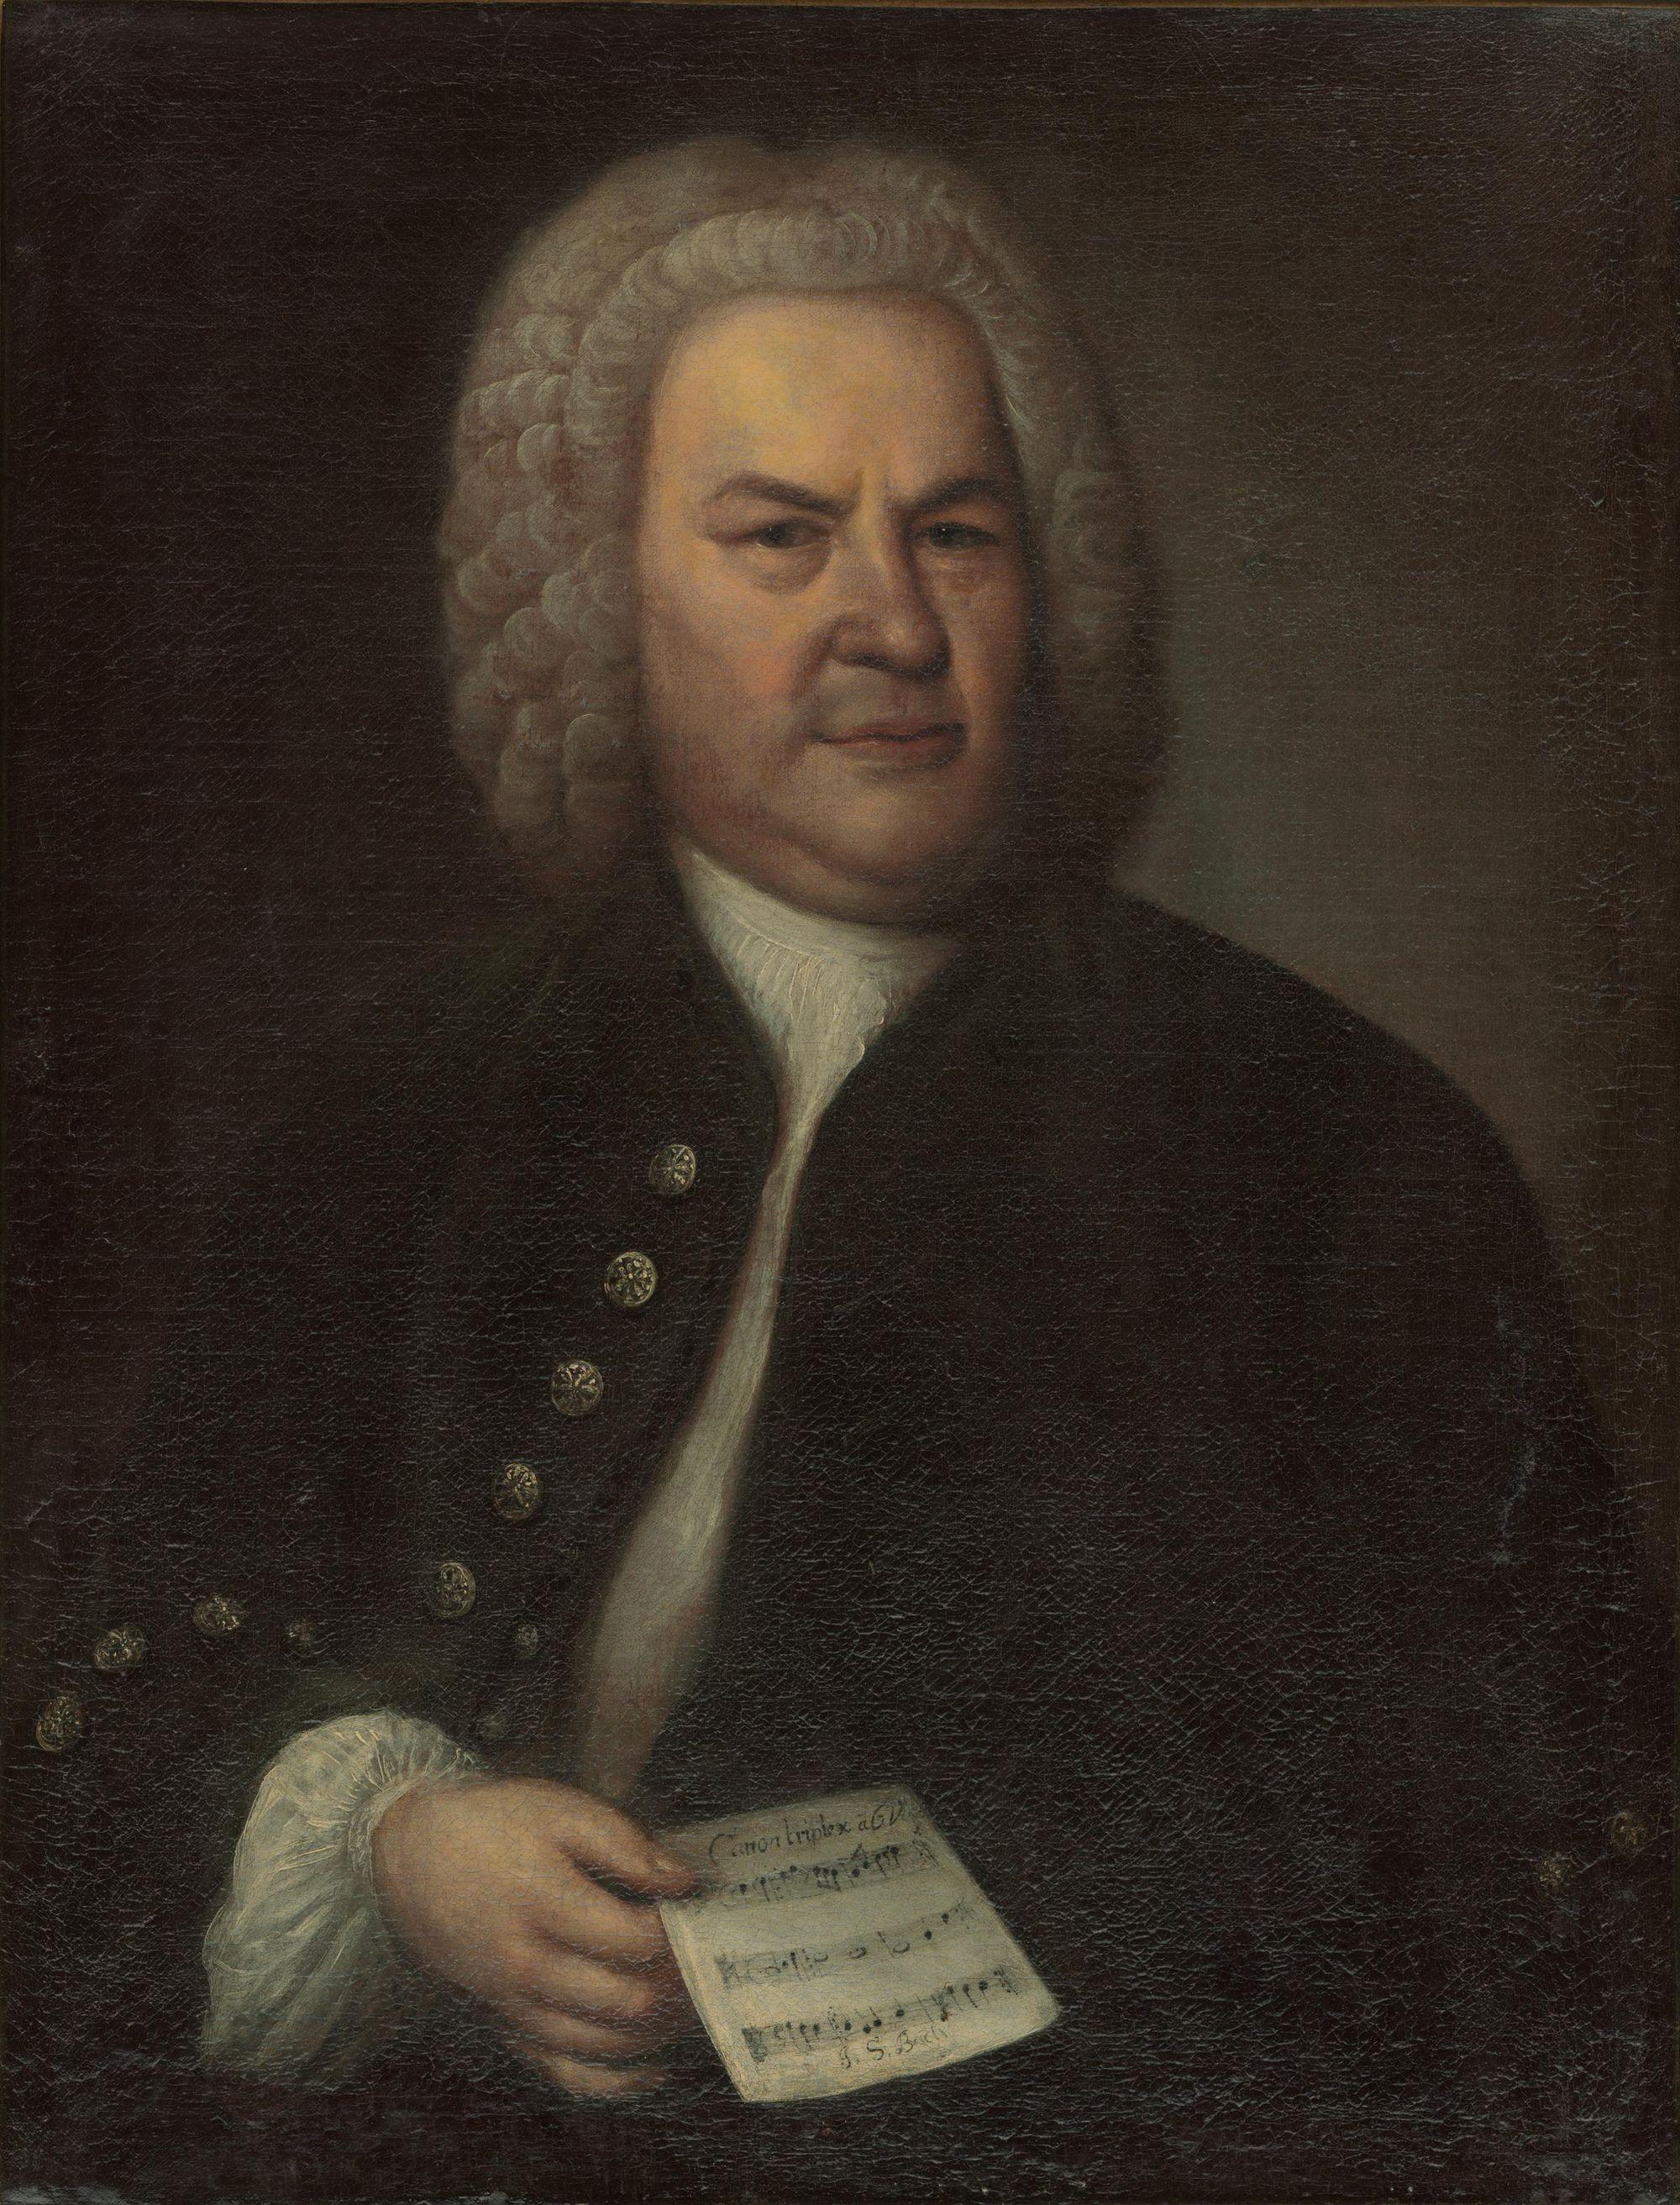 巴赫唯一的一幅畫像,是由侯斯曼於 1746 年繪製。畫中的巴赫衣裝端正,手上拿着他自己所寫的六聲部卡農曲。